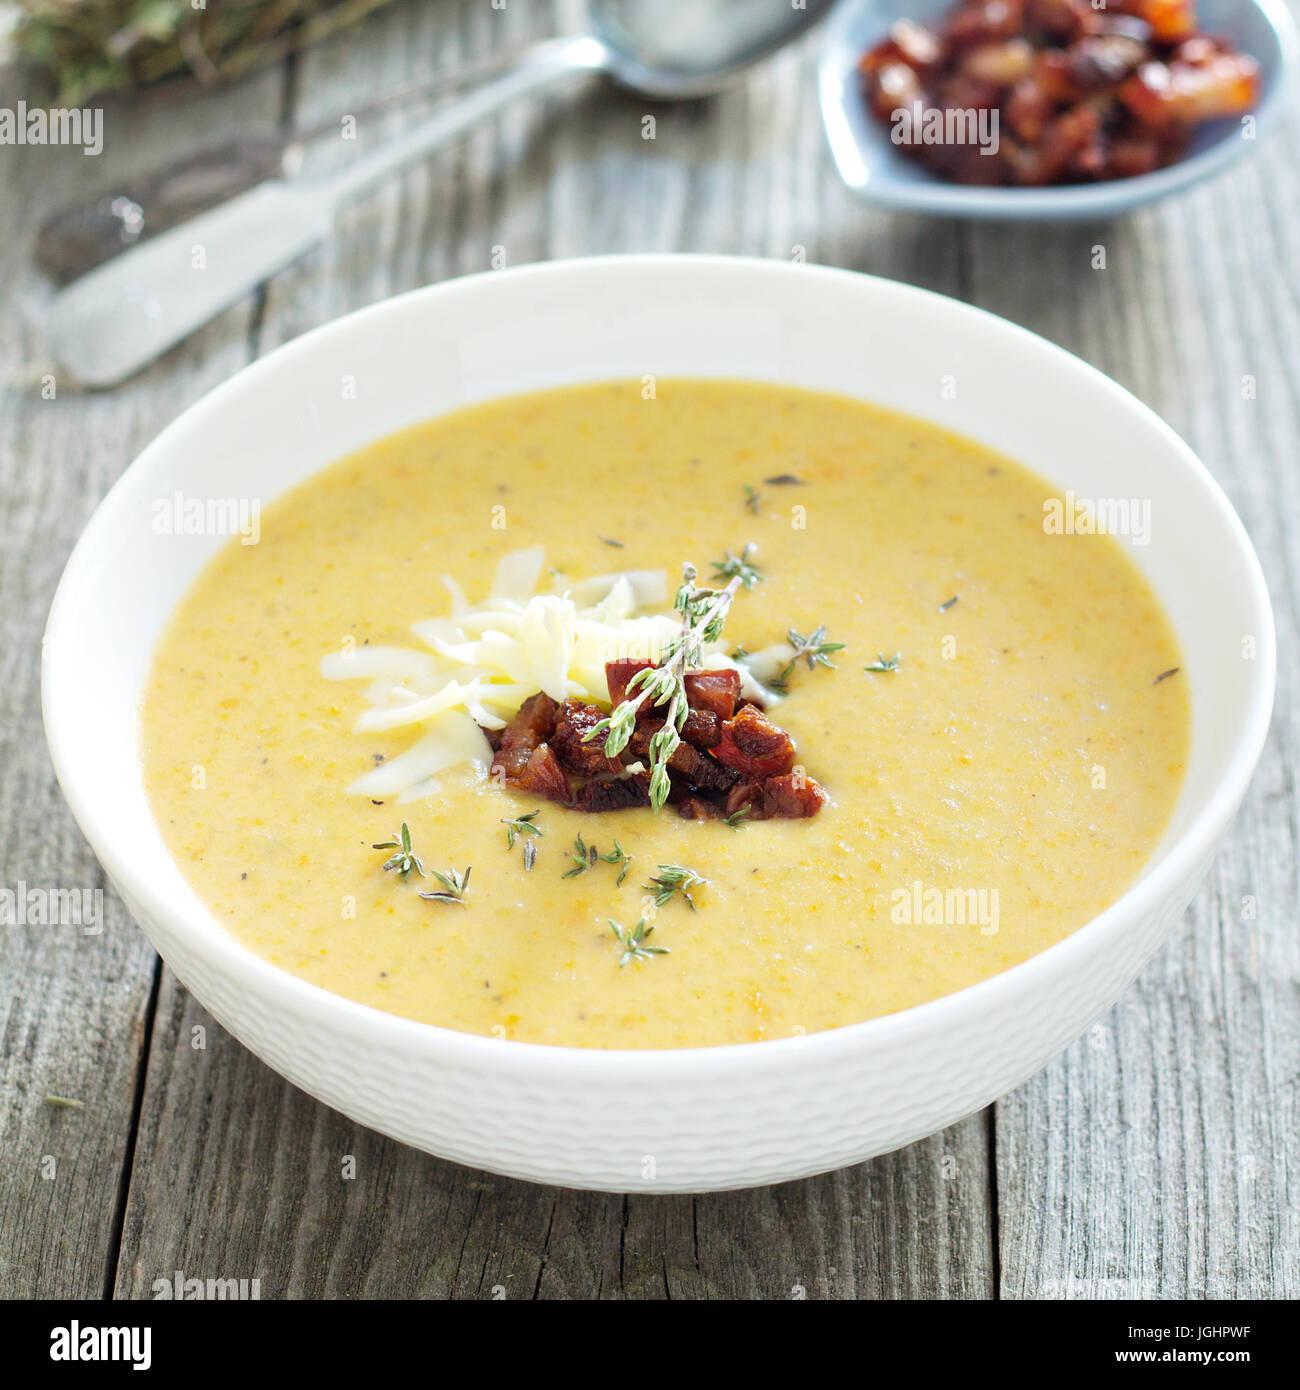 Soupe de crème de pommes de terre Photo Stock